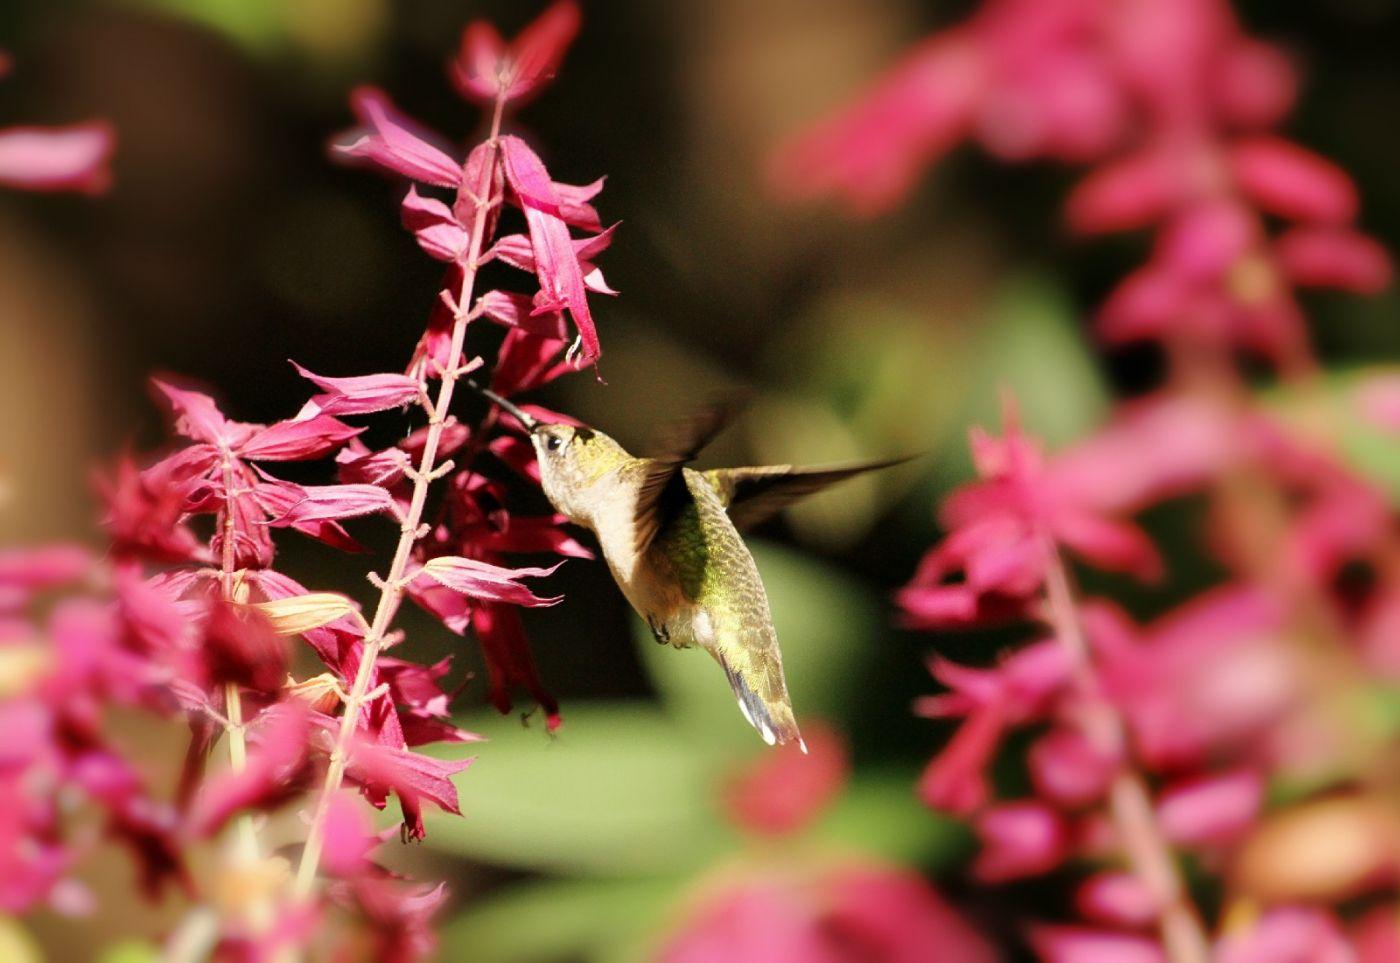 【田螺摄影】在纽约city找蜂鸟拍不难_图1-25